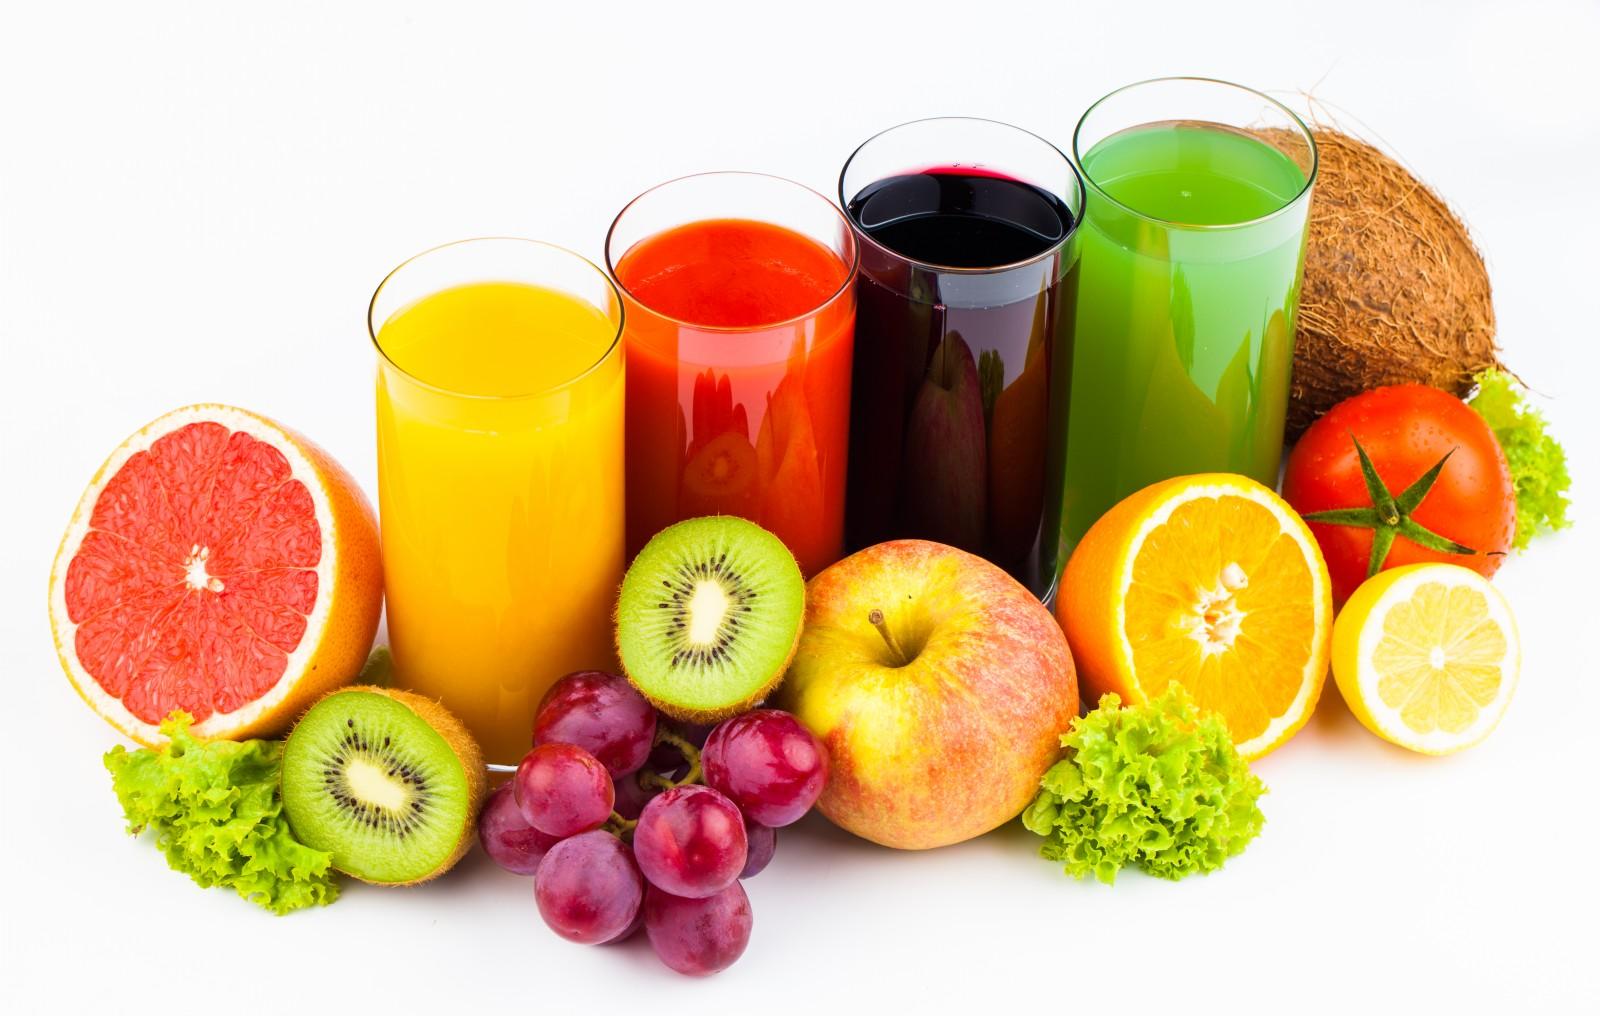 صورة شرب العصائر على الإفطار يدمر صحتك